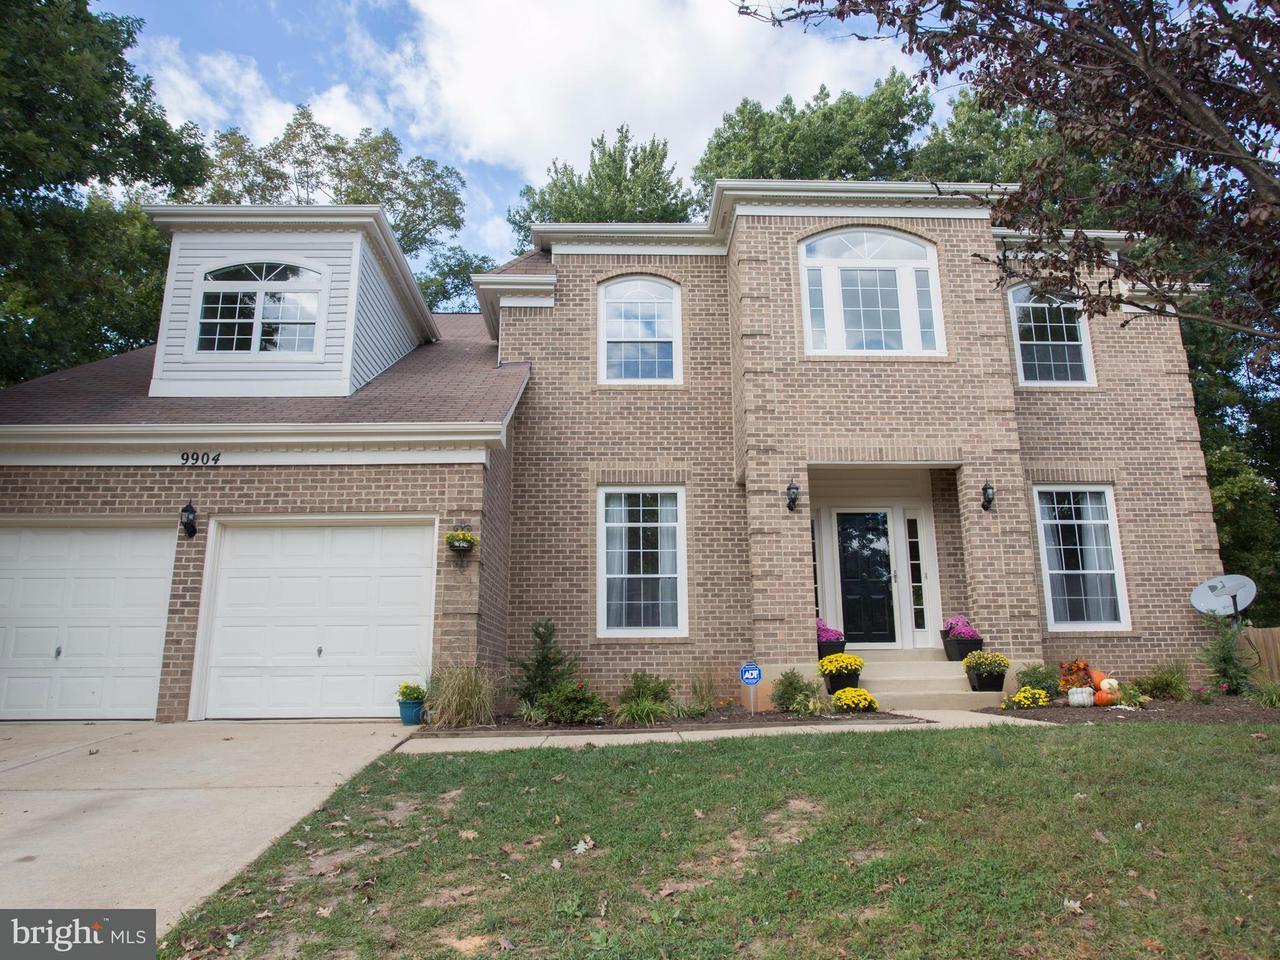 Частный односемейный дом для того Продажа на 9904 STALL Avenue 9904 STALL Avenue Lanham, Мэриленд 20706 Соединенные Штаты